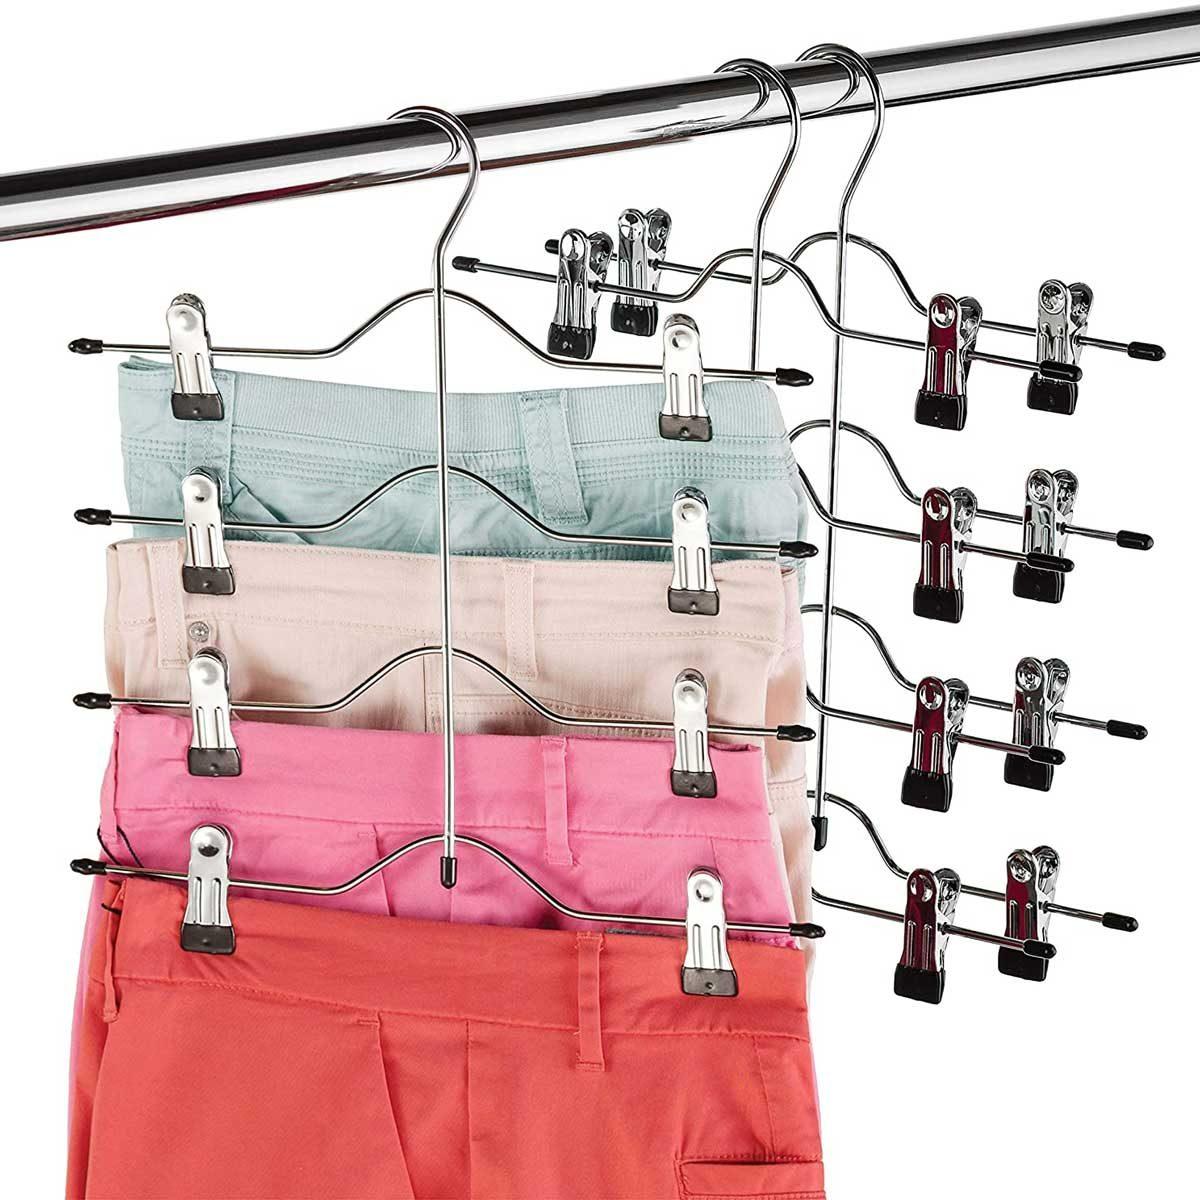 Tiered hangers